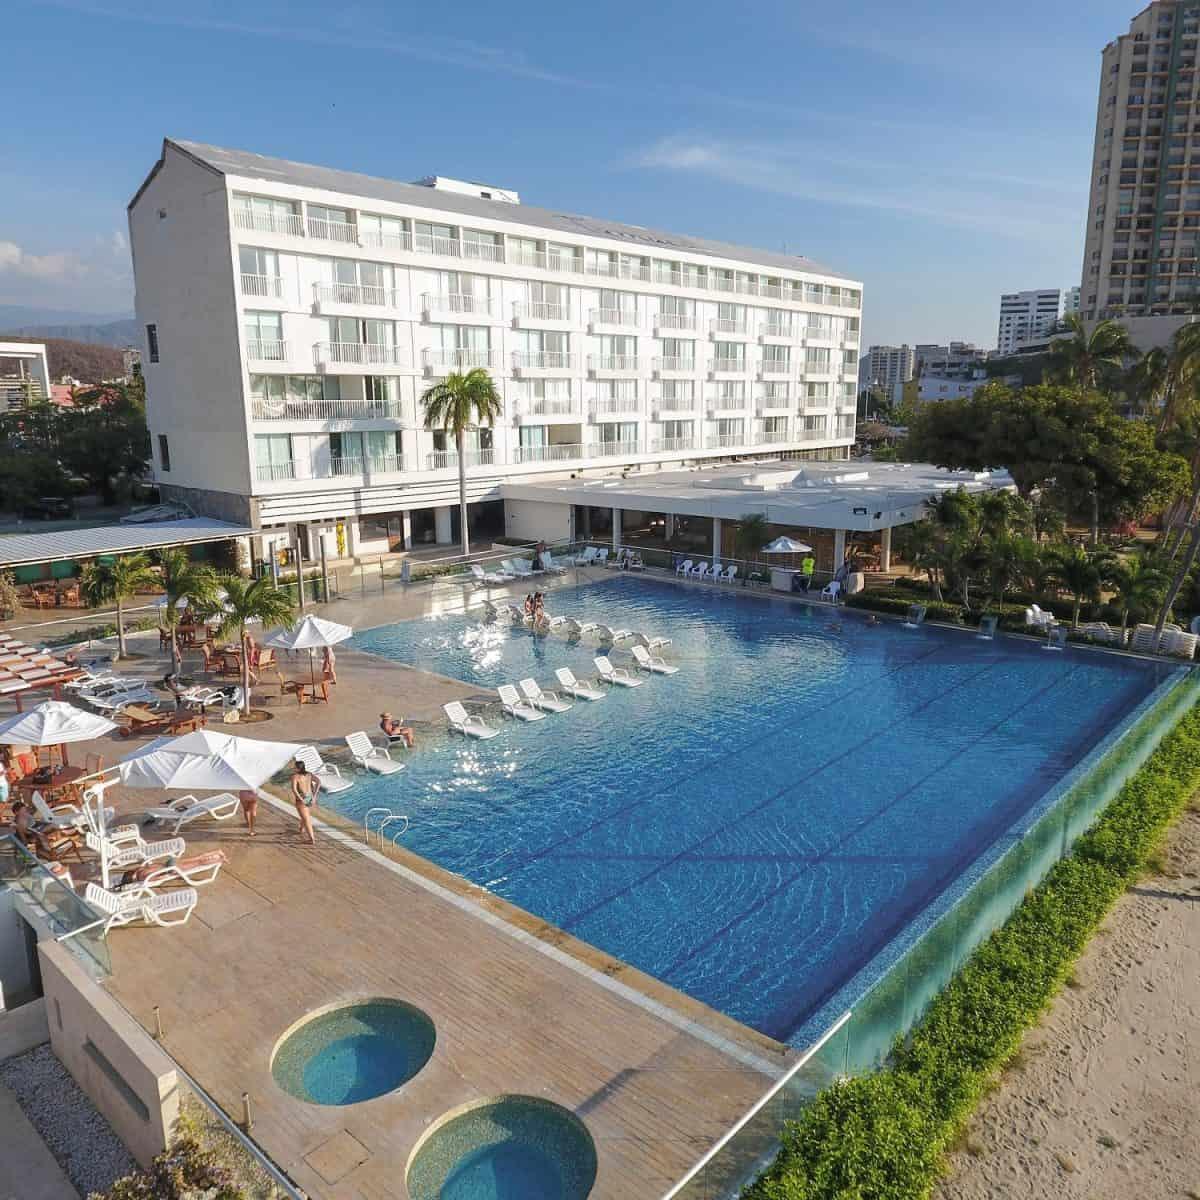 Tamaca Beach Resort Hotel Tu Descanzo En El Hotel Ideal. Disfruta De Tiempo De Calidad Y Confort. ¡Reserva Ya! Con Planesturisticos.com